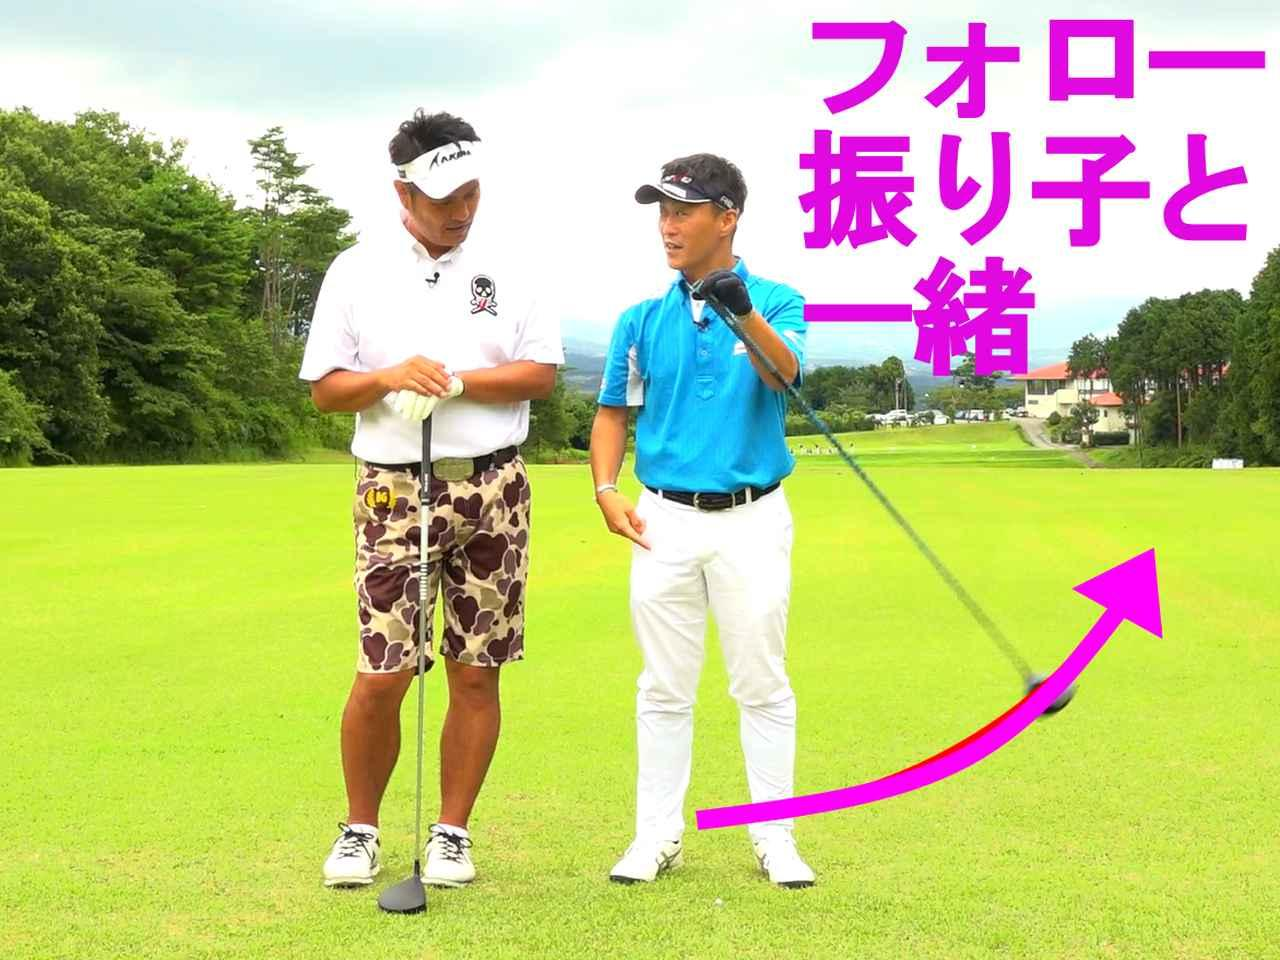 画像2: 【今泉健太郎の400ヤード理論vol.④】飛距離を伸ばすのに大きなフォロースルーは要りません。元プロ野球選手、鈴木健さんが入門。ゴルフダイジェスト動画